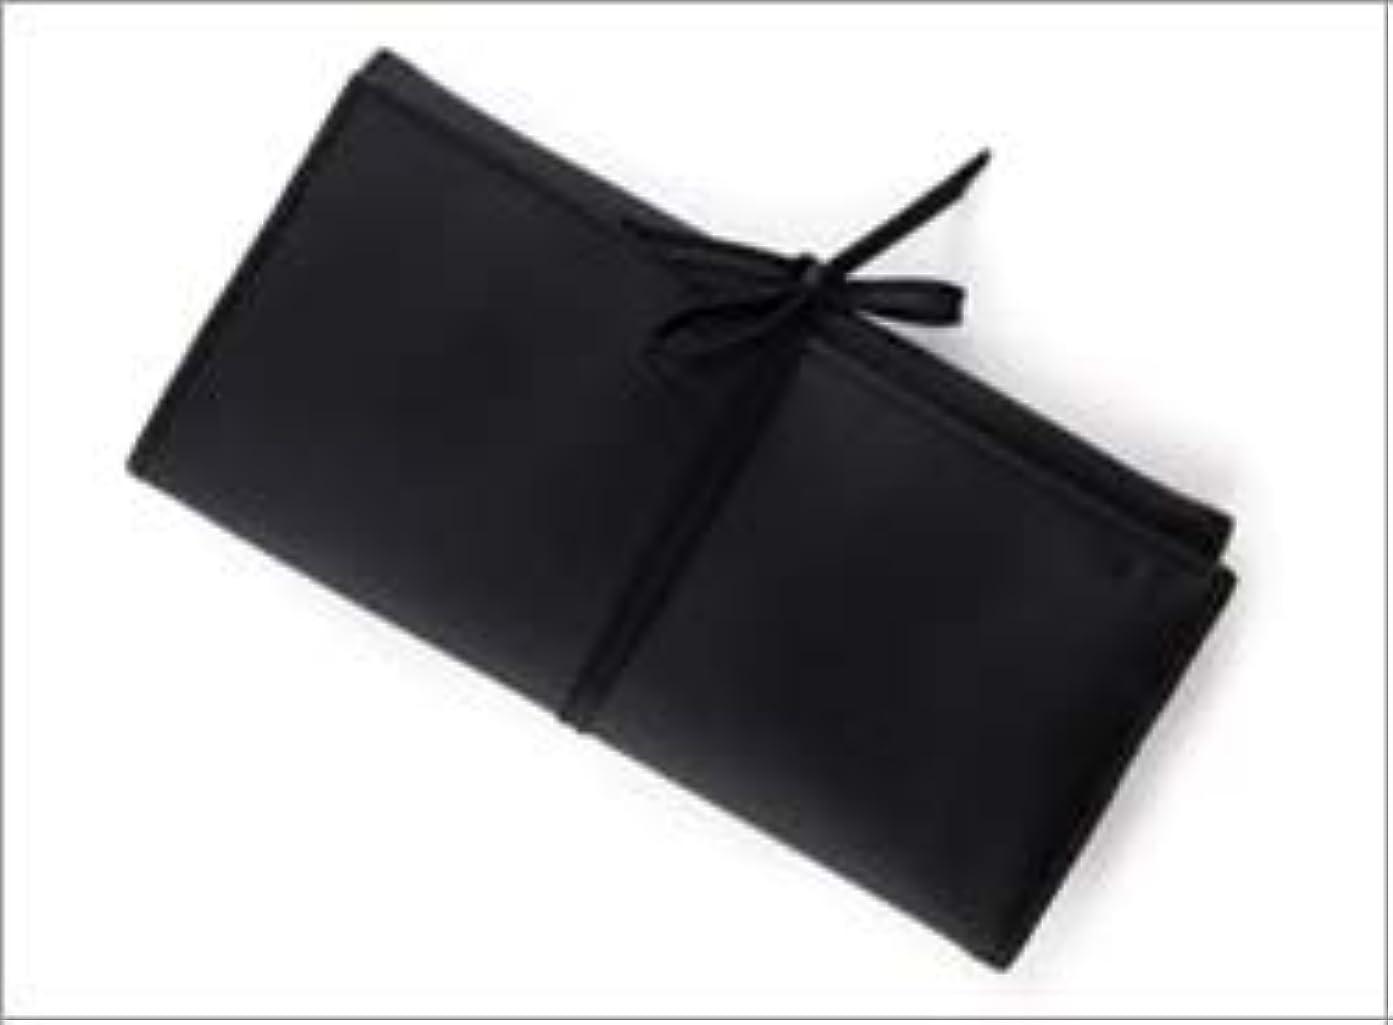 免疫敏感な故障中熊野筆 竹宝堂 正規品 ブラシケース(化粧ポーチ) C-24 材質:ナイロン(三つ折り) 広島 化粧筆